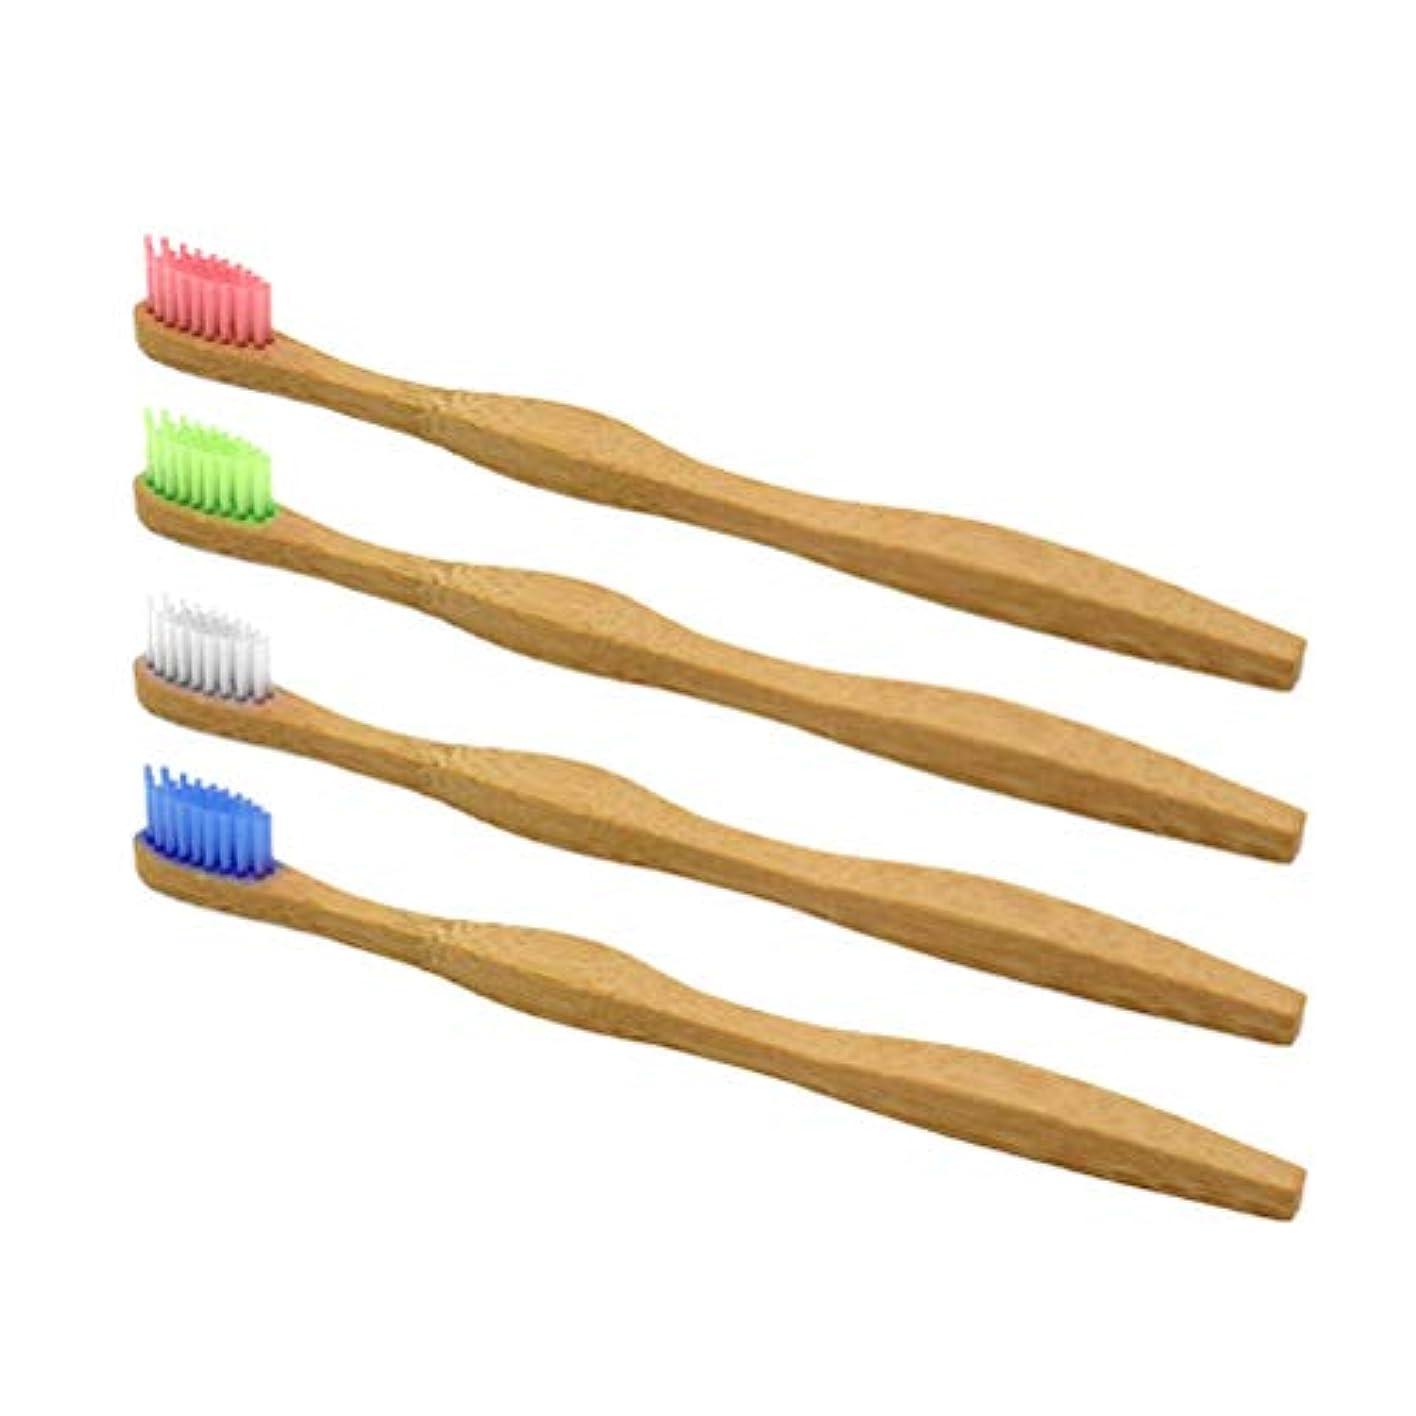 ナプキン冷ややかなティッシュHealifty 家庭用およびトラベル用4本(白、青、ピンク、緑)用歯ブラシ竹製歯ブラシ